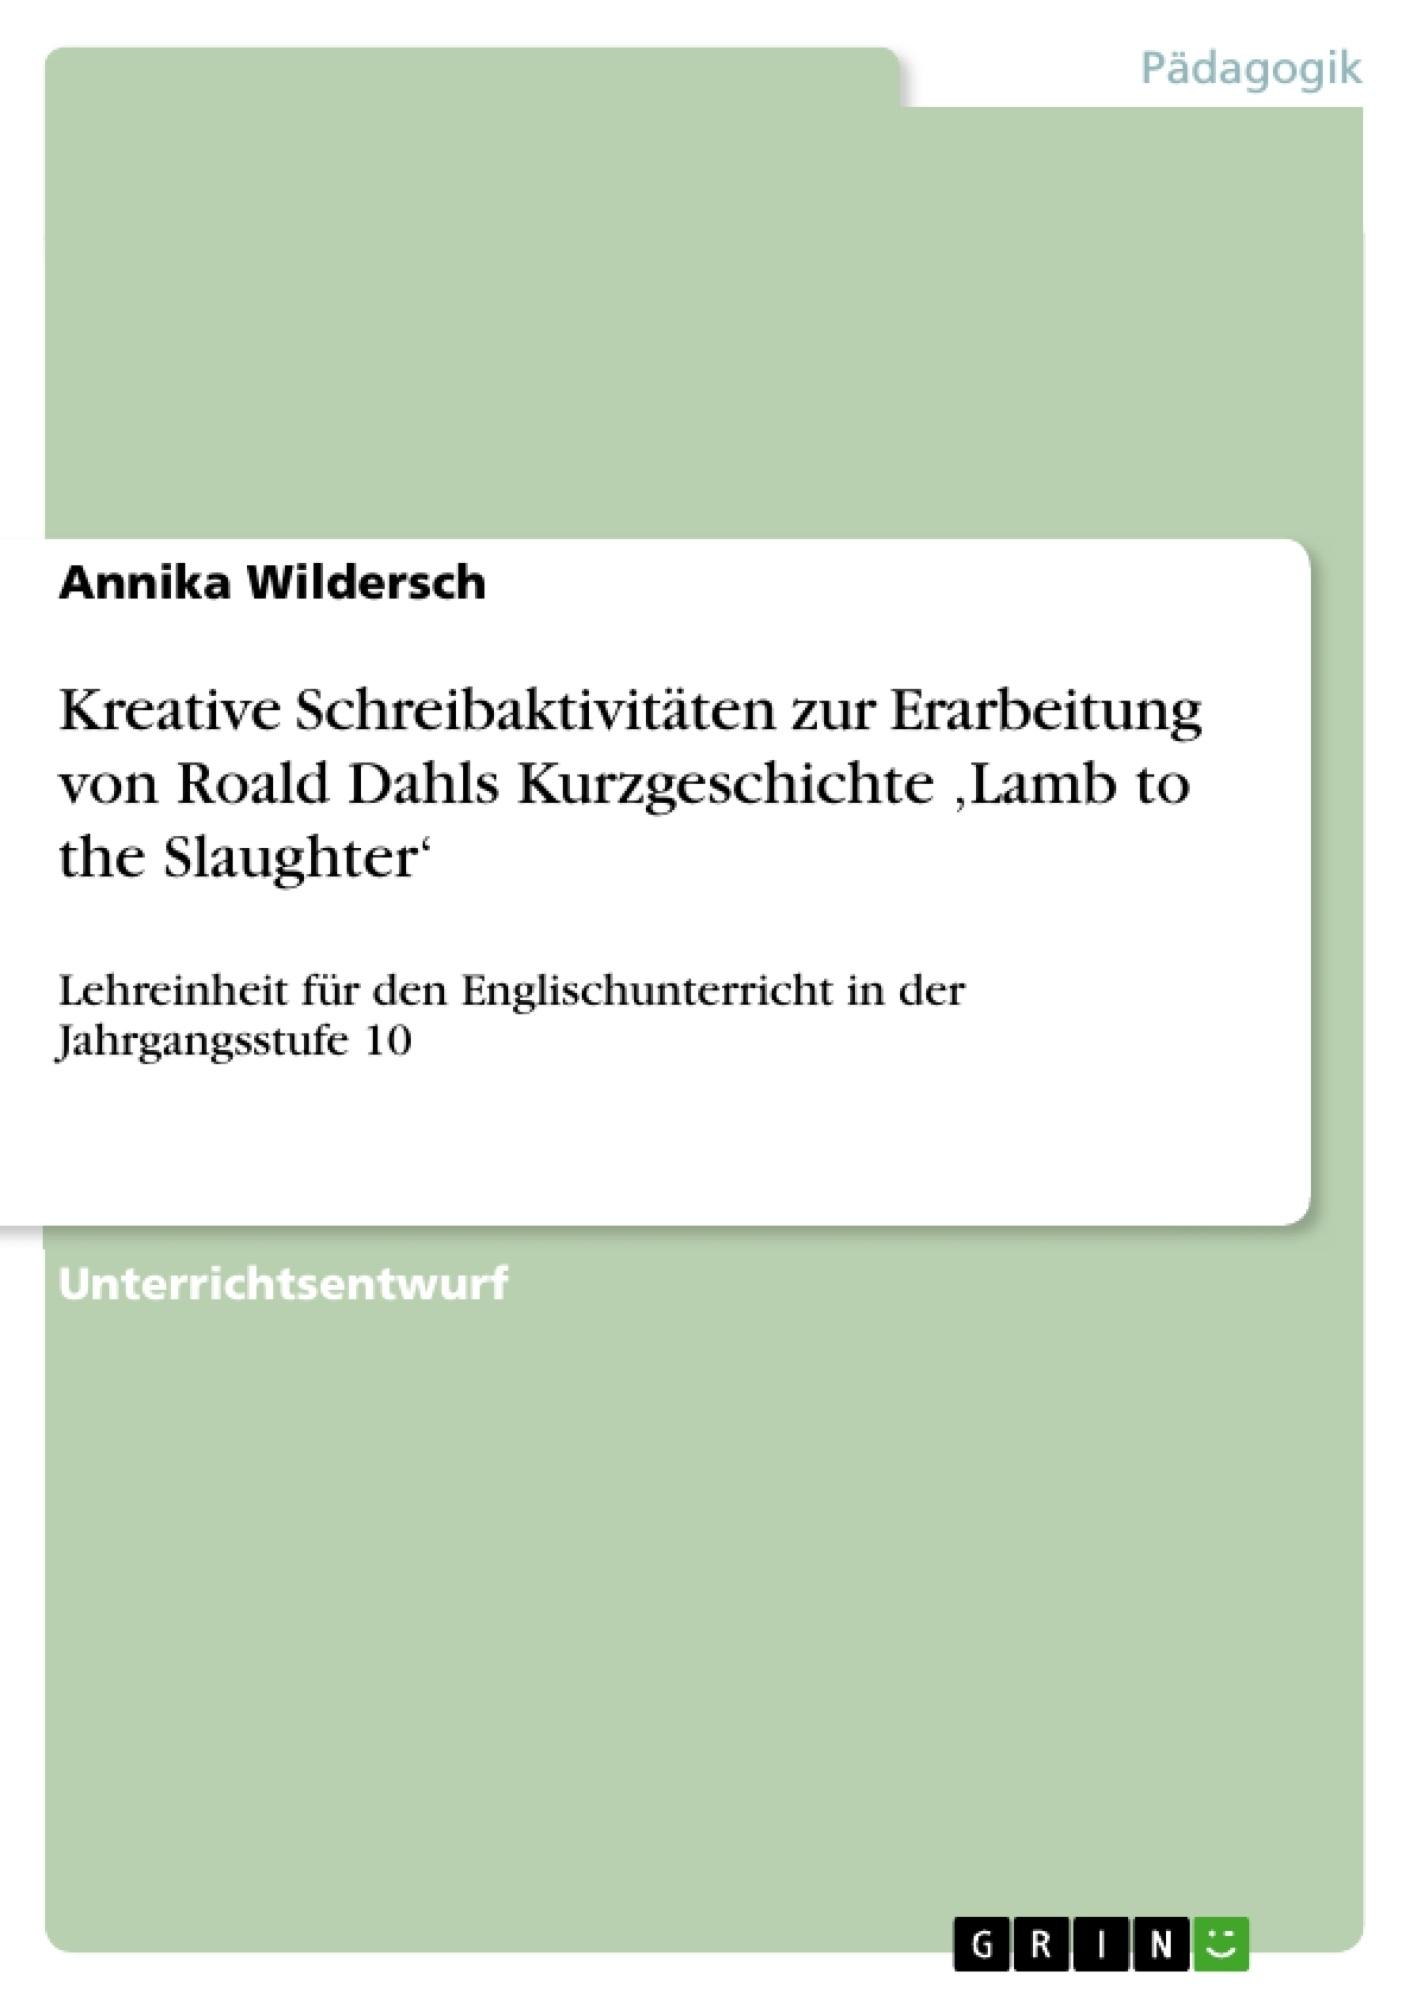 Kreative Schreibaktivitäten zur Erarbeitung von Roald Dahls ...